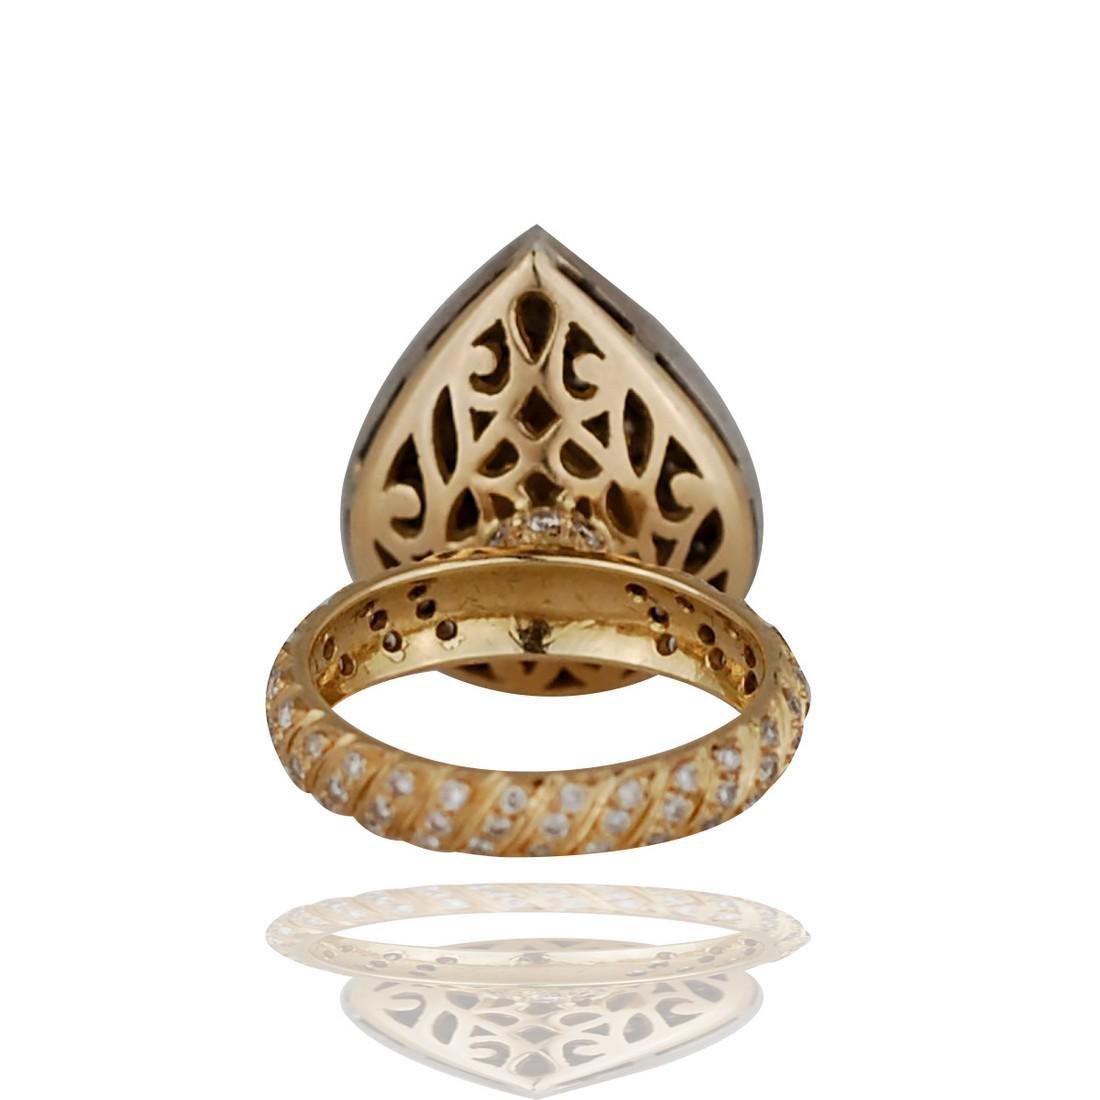 Gregorian, Solitaire Diamond, 1.65 tw, 14 Karat Two - 3